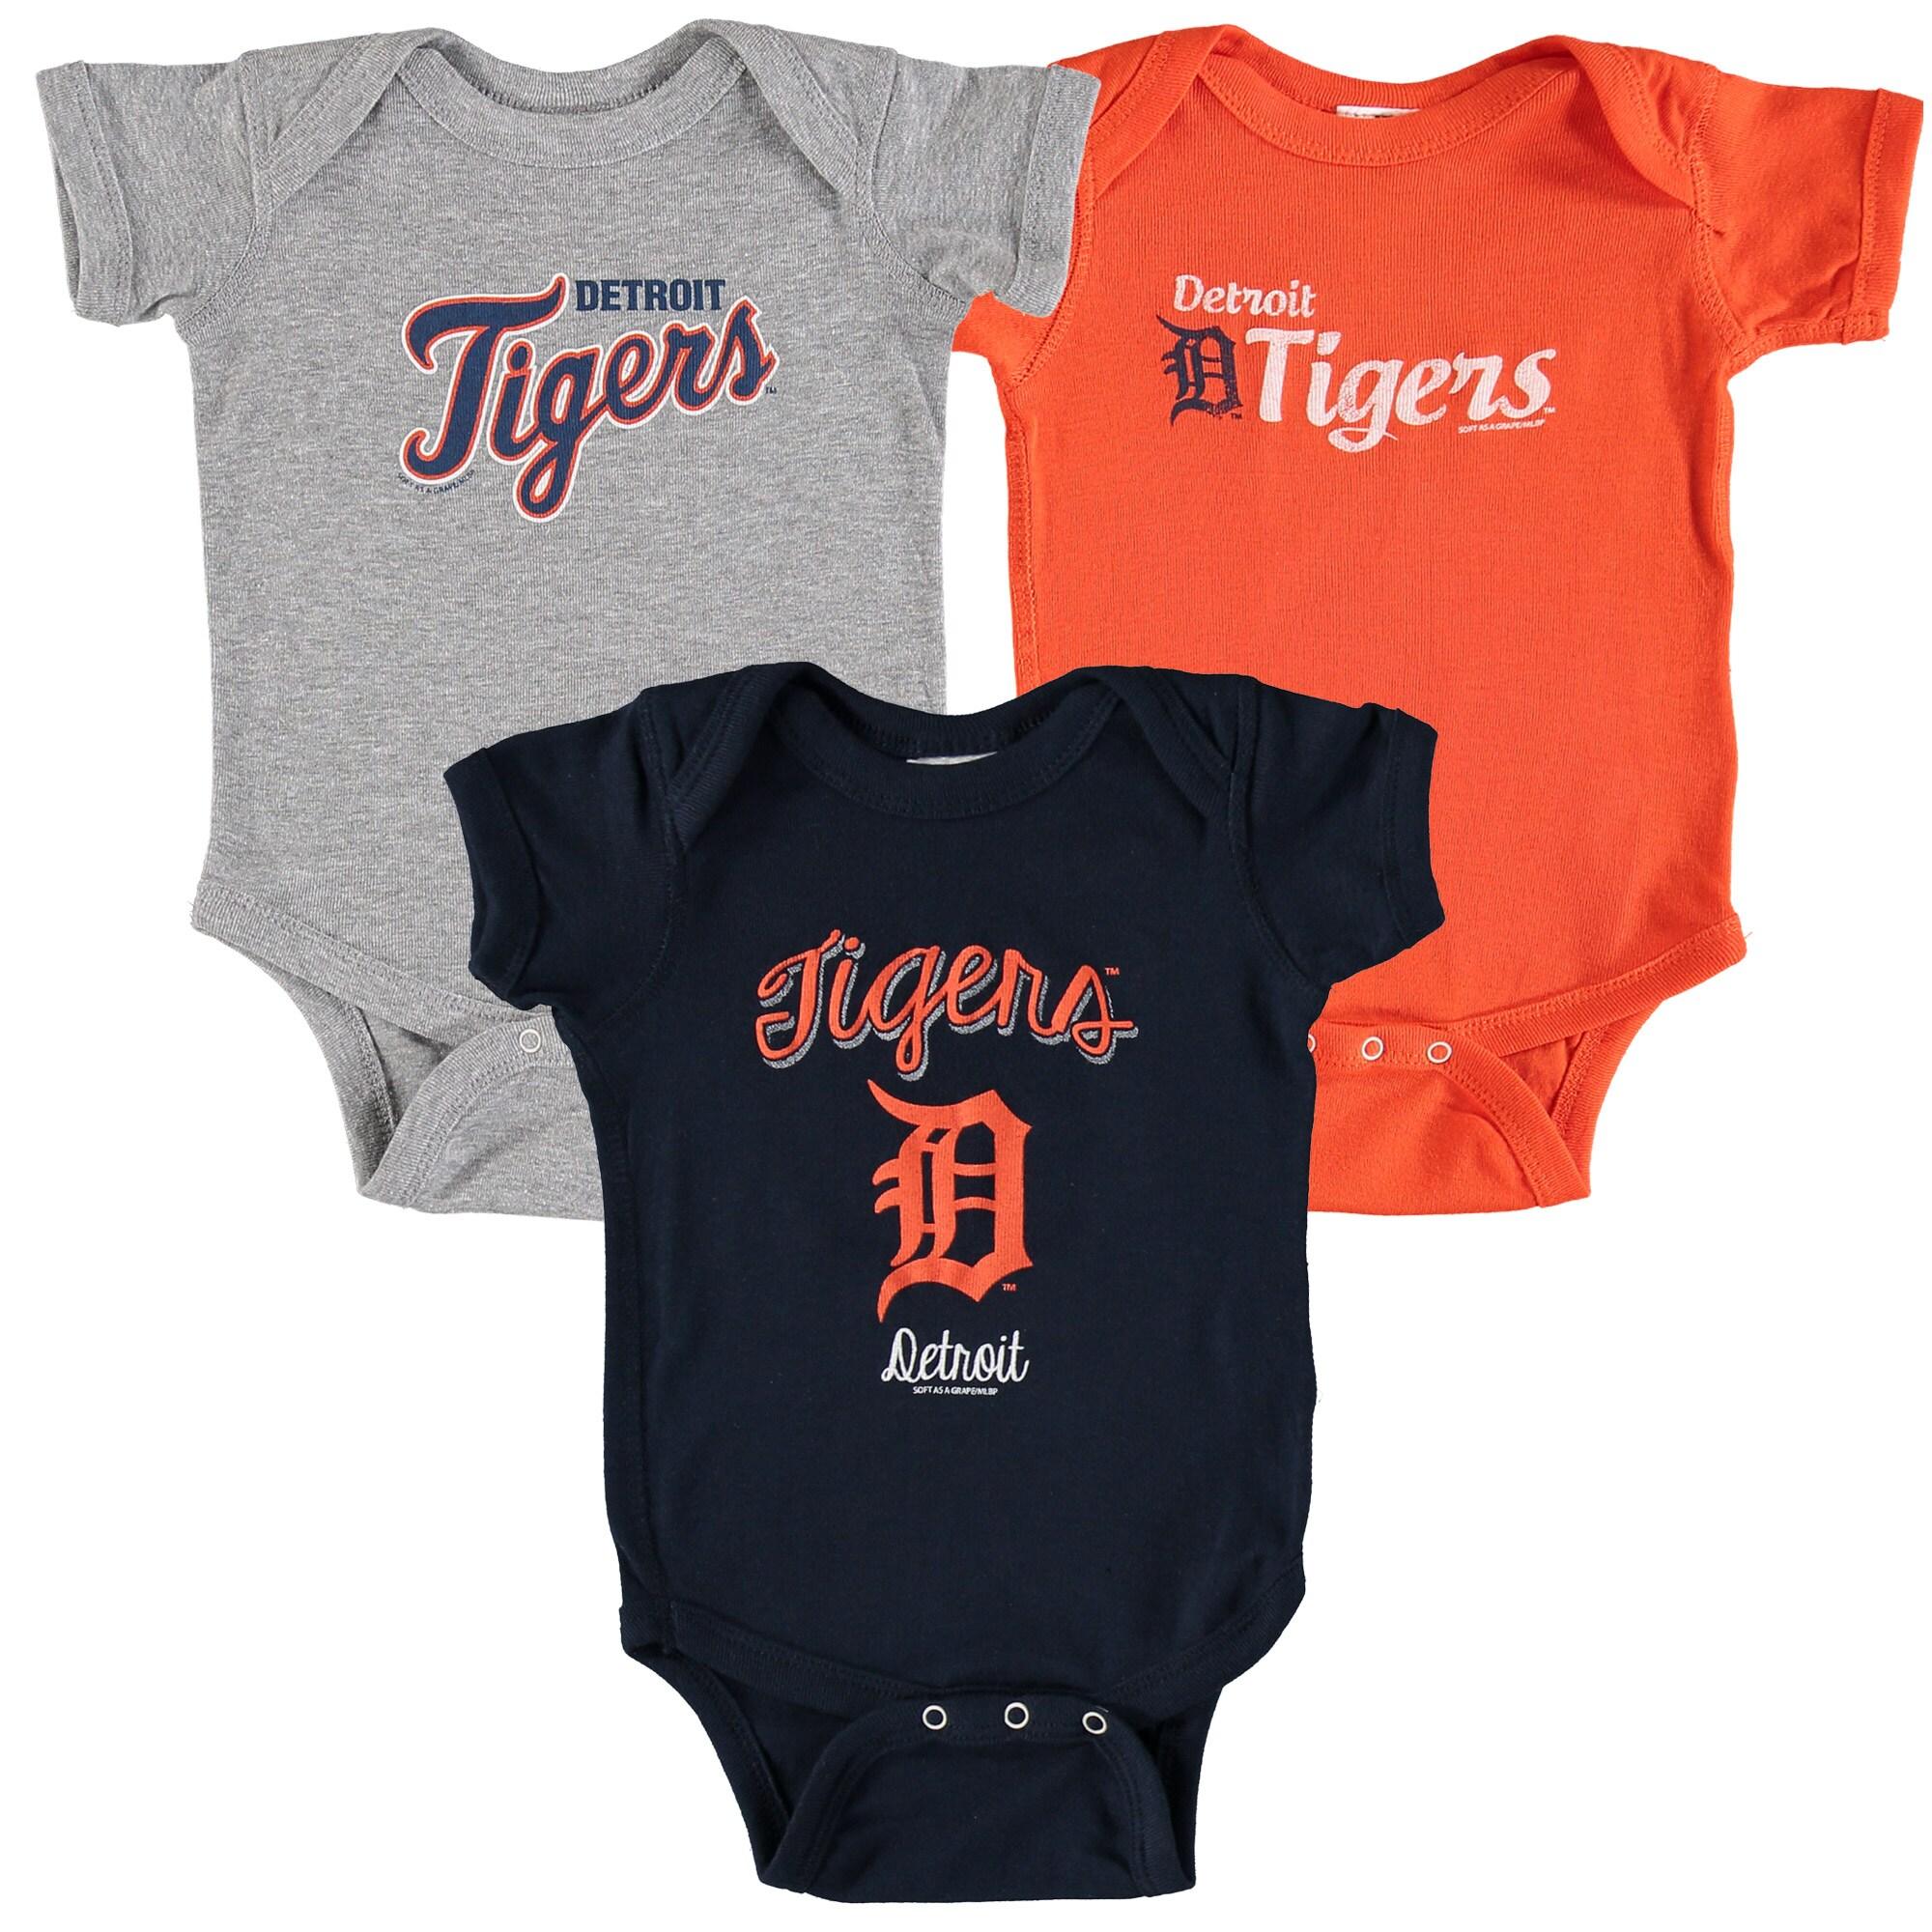 Detroit Tigers Soft as a Grape Infant 3-Pack Rookie Bodysuit Set - Navy